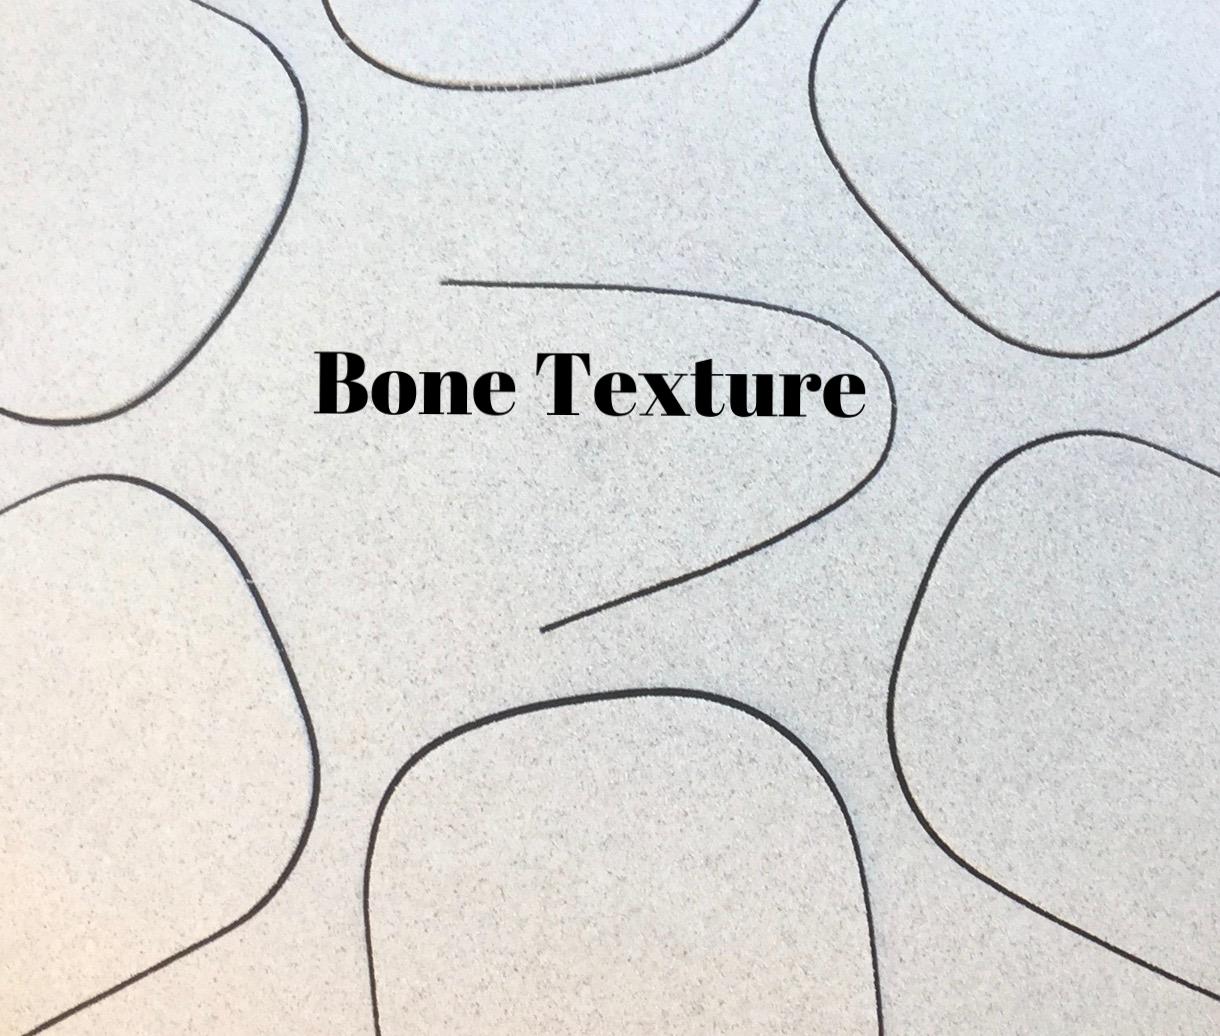 Bone Texture_2362 (1).jpg